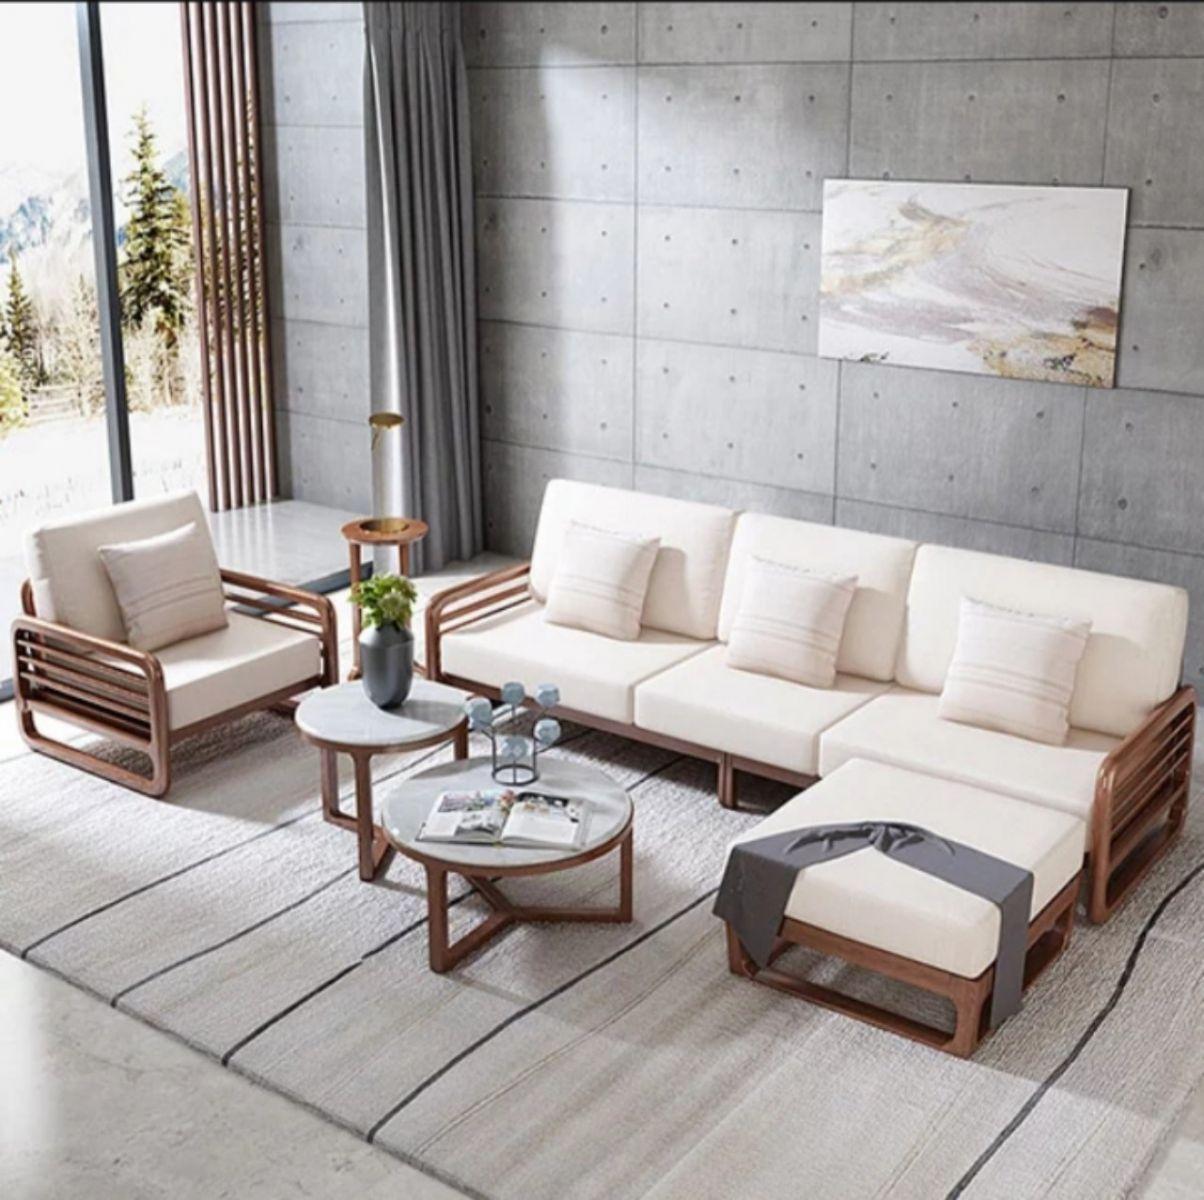 Ghế sofa màu trắng là sự ưu tiên của nhiều gia đình